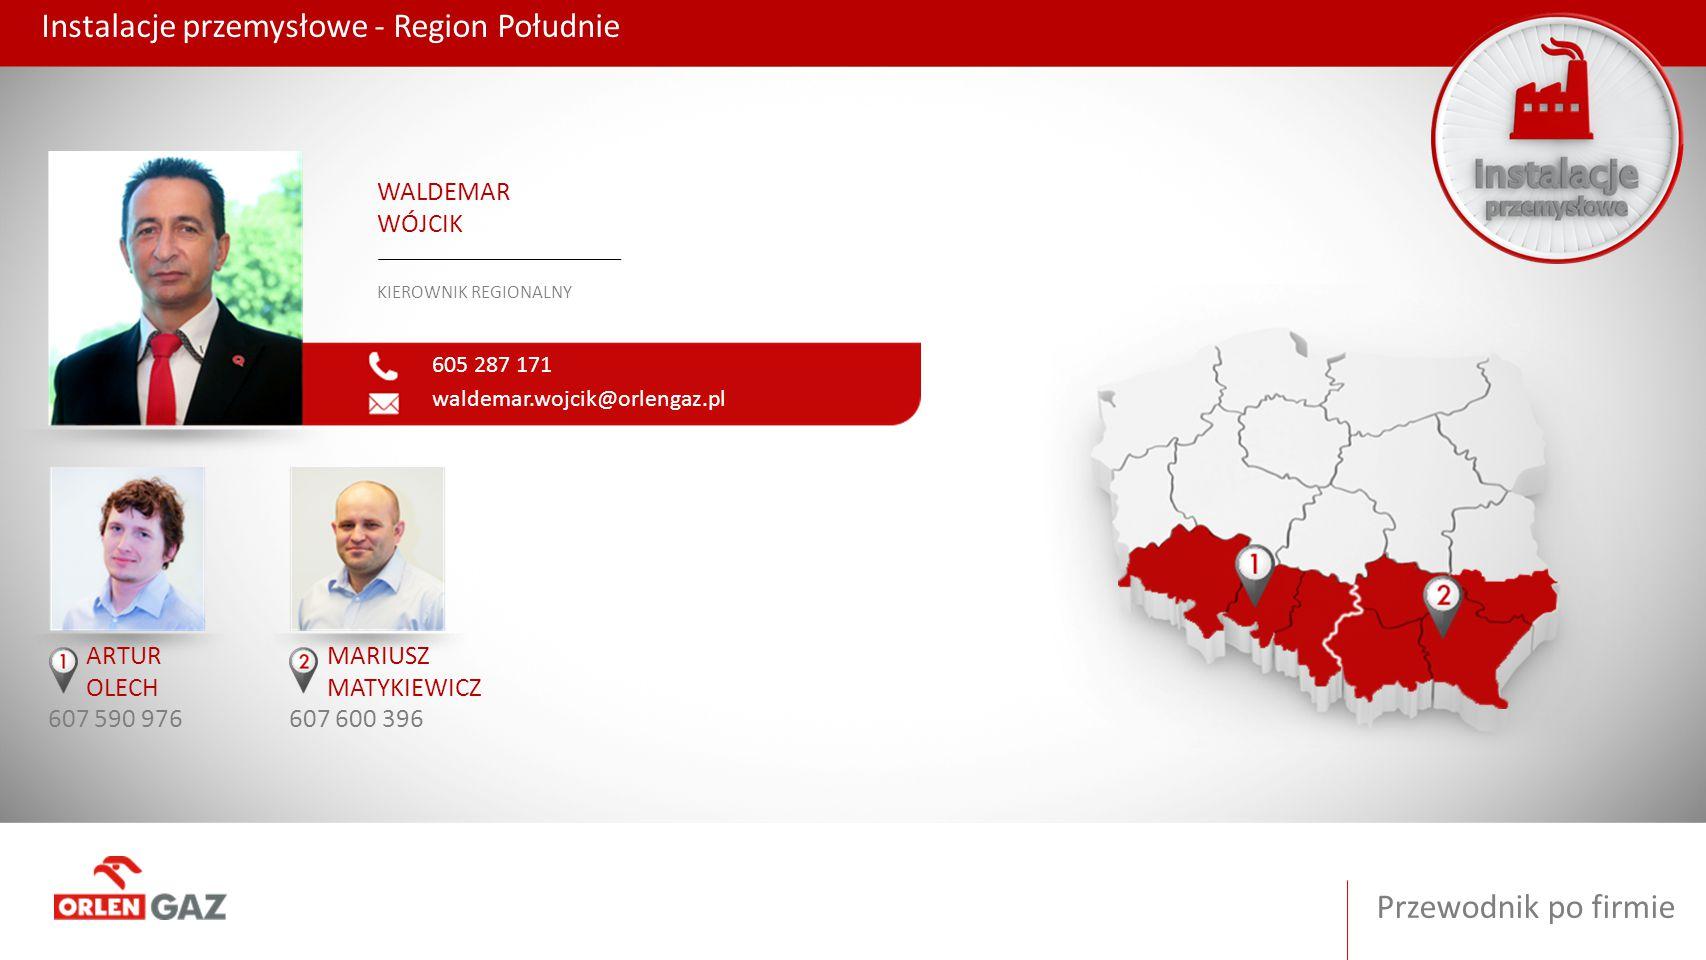 Przewodnik po firmie Instalacje przemysłowe - Region Południe 605 287 171 waldemar.wojcik@orlengaz.pl WALDEMAR WÓJCIK KIEROWNIK REGIONALNY ARTUR OLECH